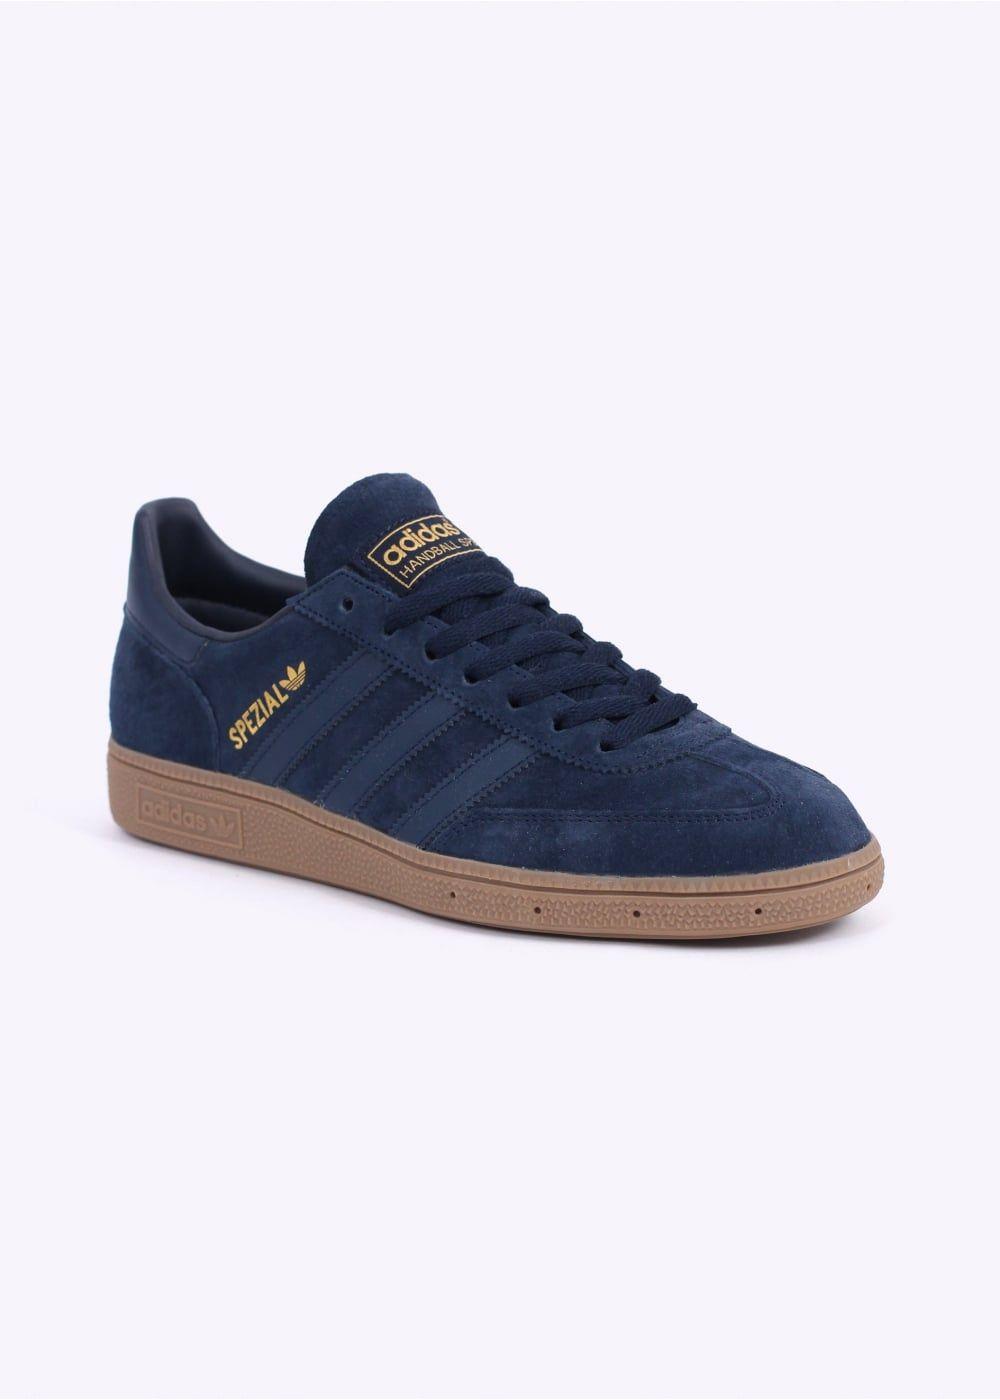 more photos 52bea c99a6 Adidas Originals Footwear Spezial Trainers - Collegiate Navy  Gum